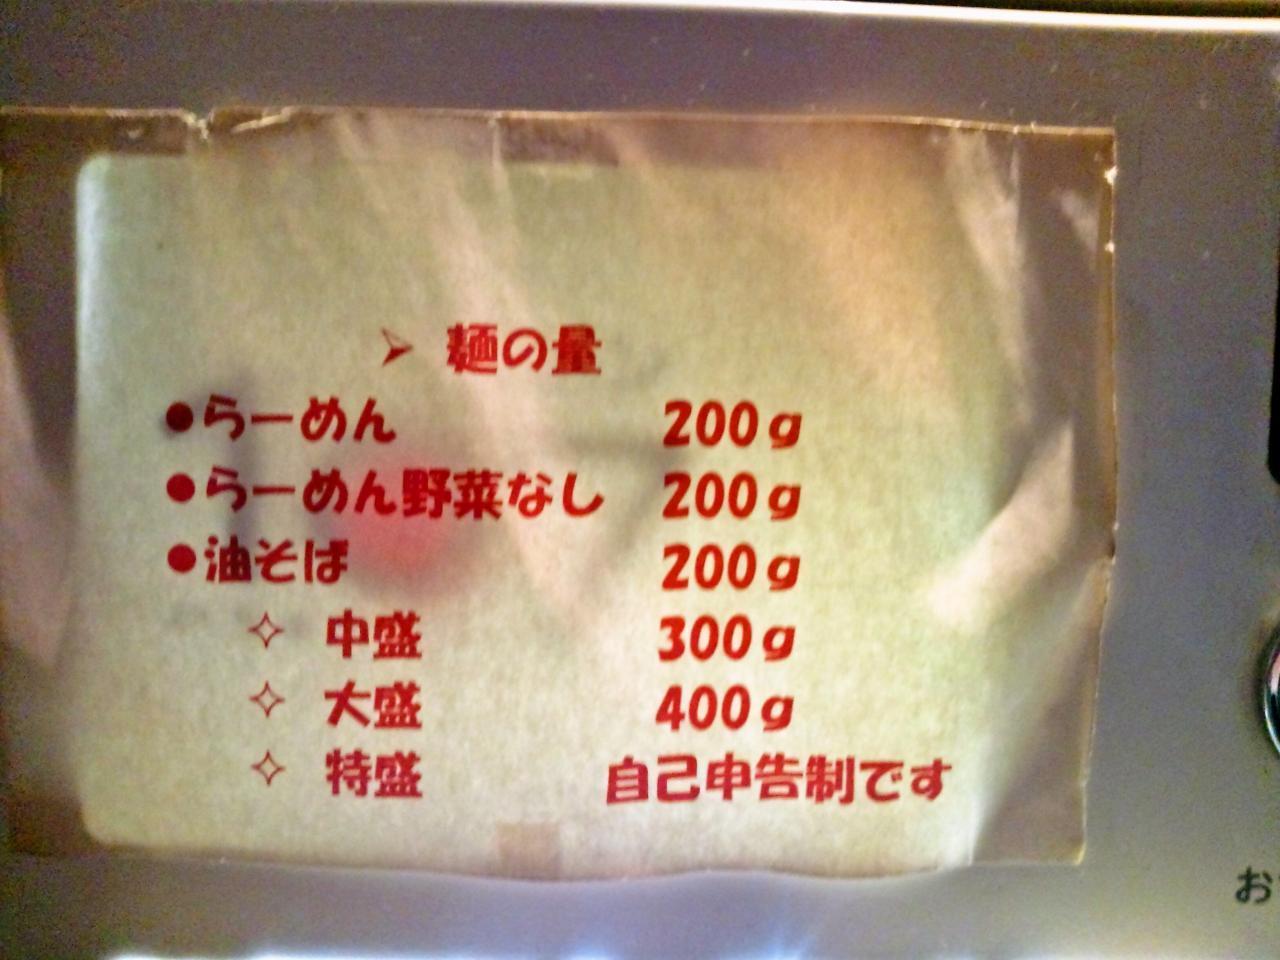 ラーメン107(麺の量)